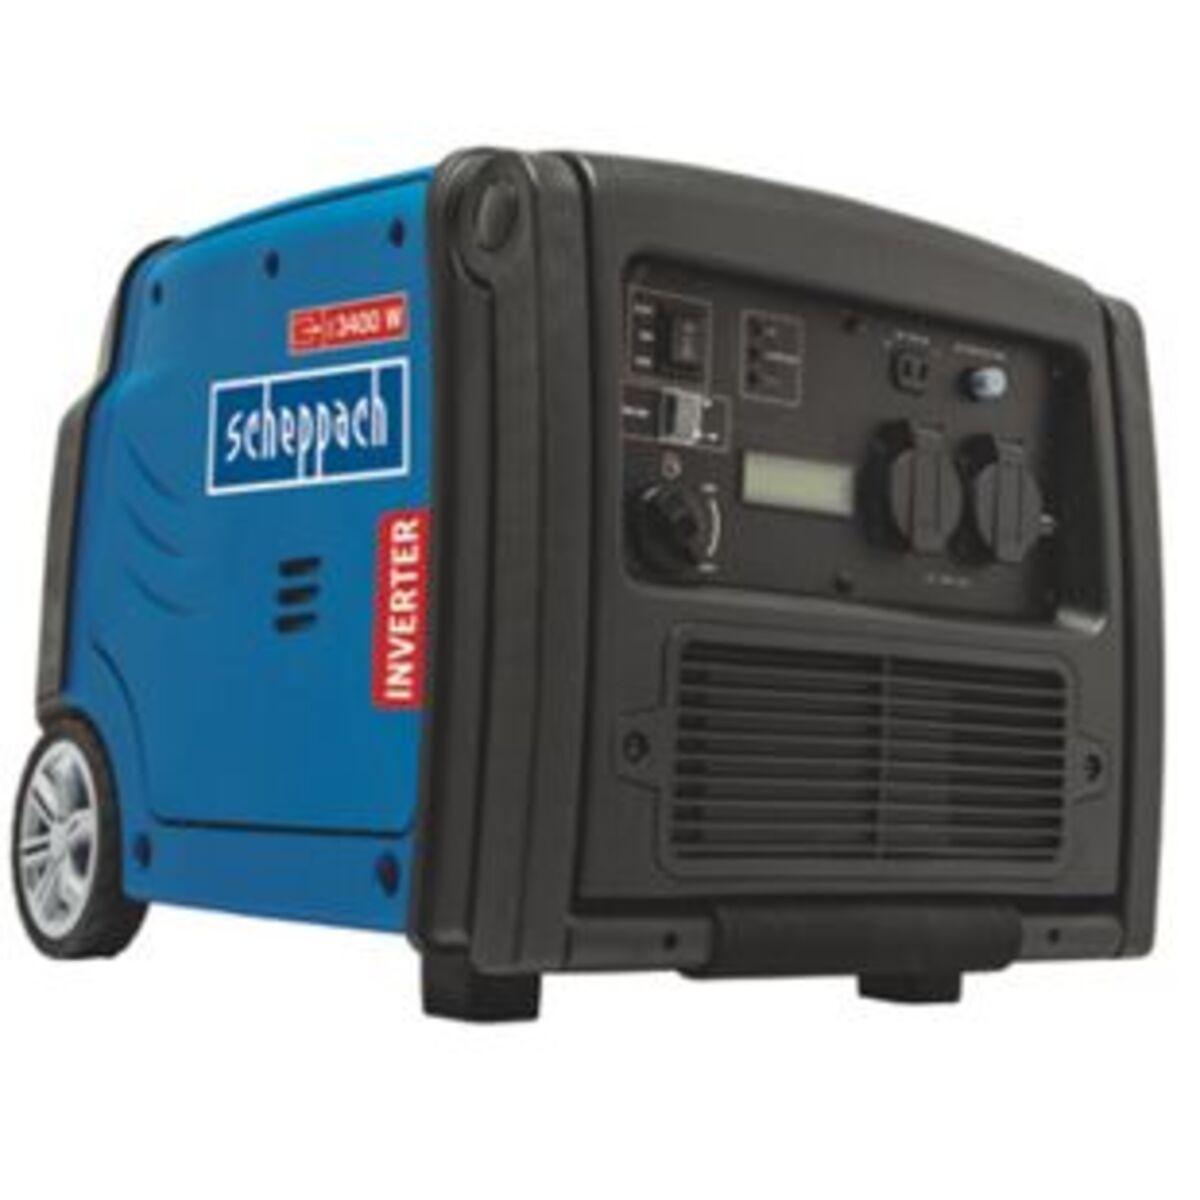 Bild 2 von Scheppach SG3400i Inverter-Stromerzeuger